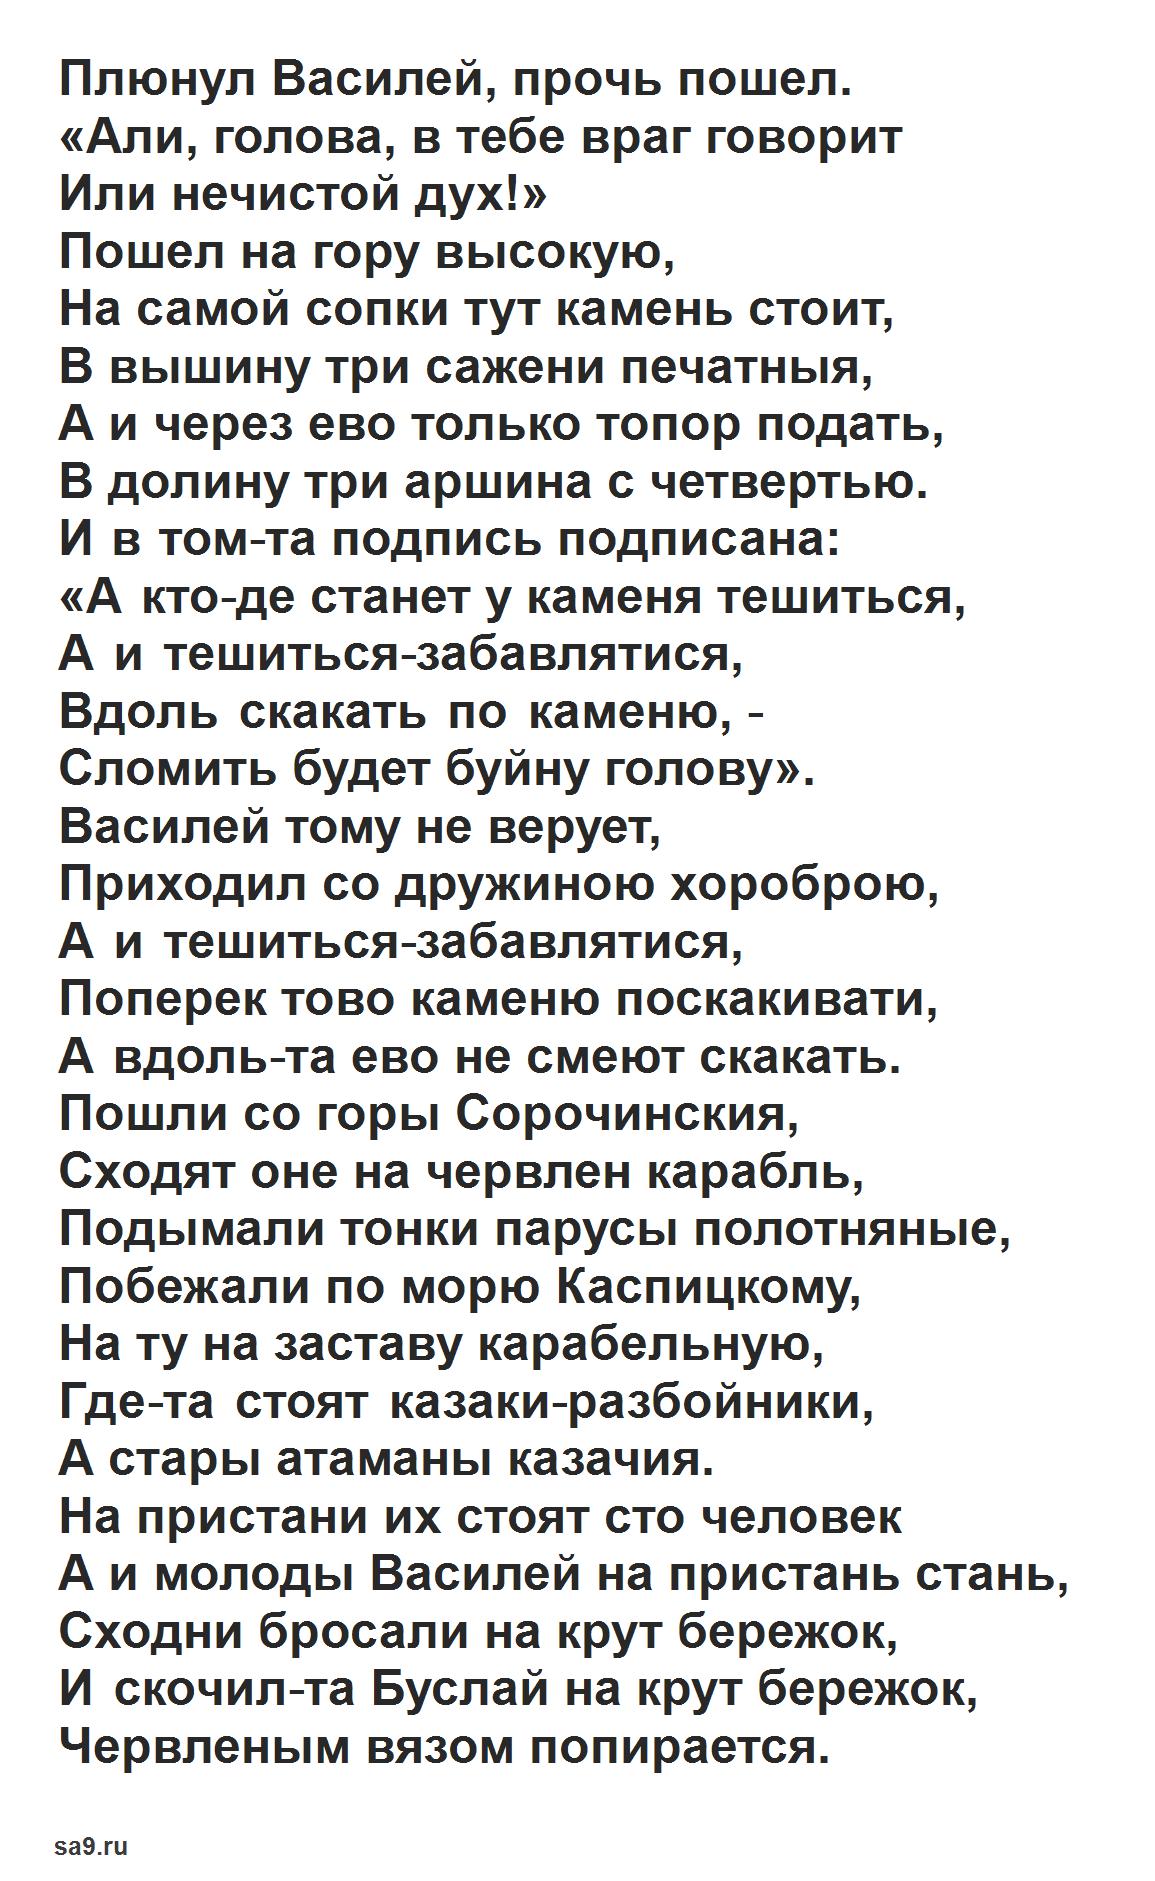 Читать русскую народную былину - Смерть Василия Буслаева